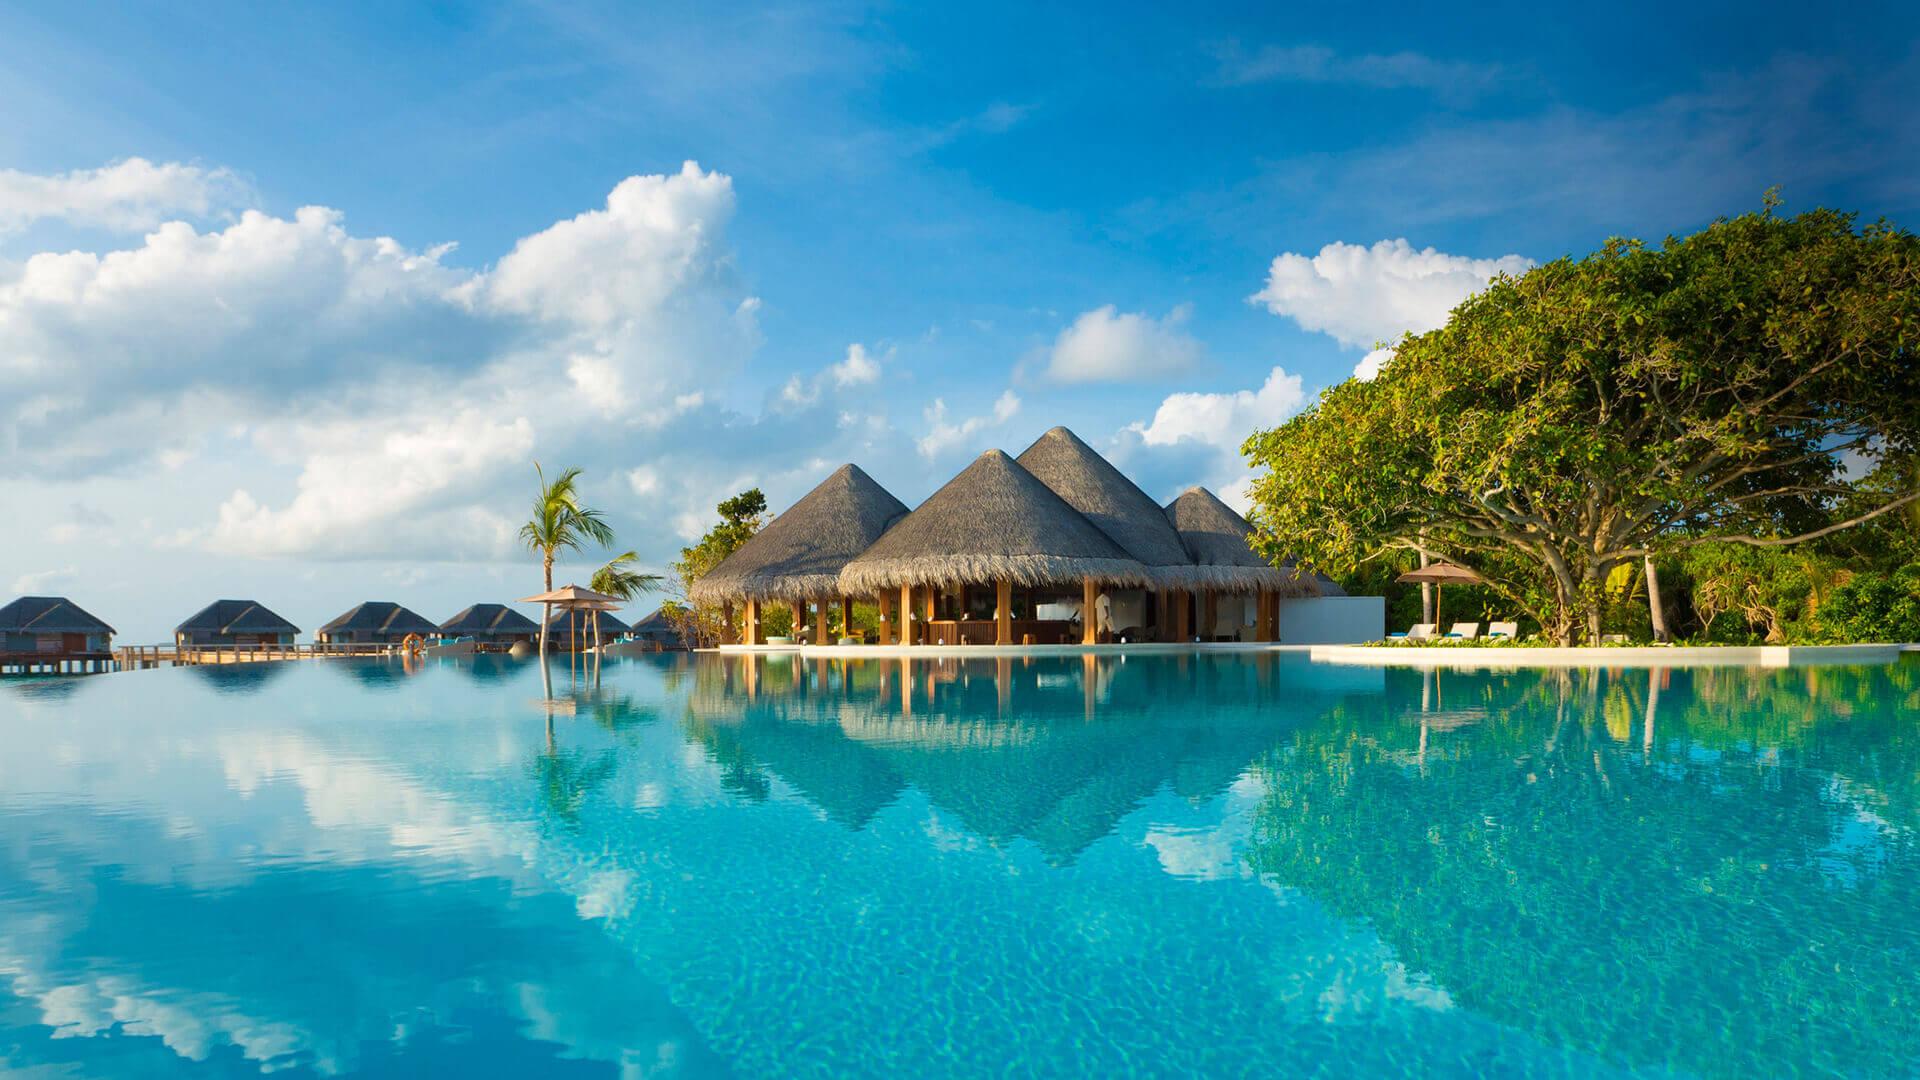 Destination: Marvelous Maldives